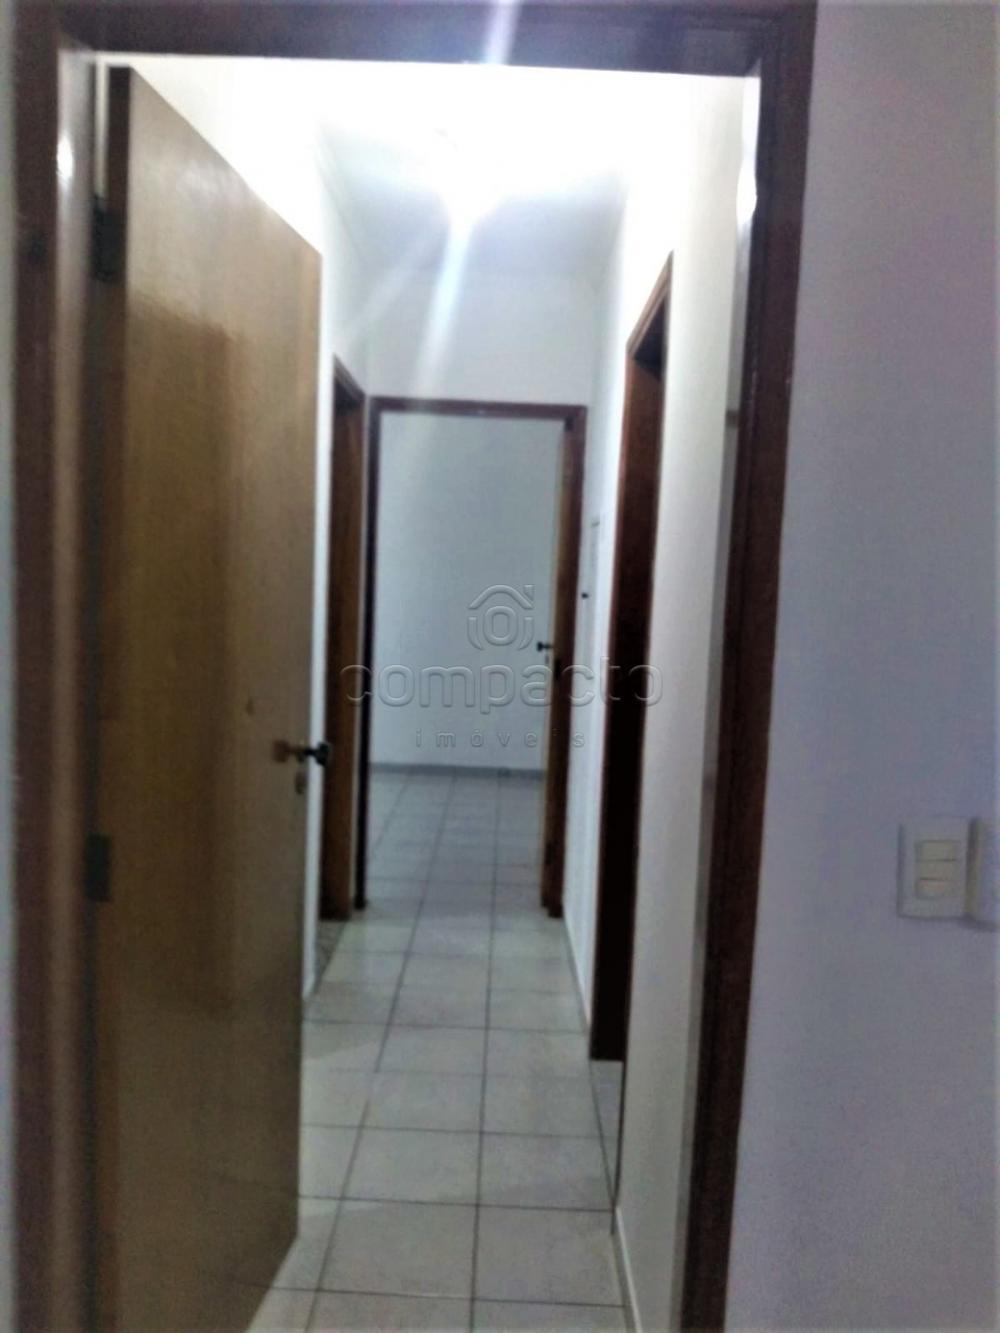 Alugar Apartamento / Padrão em São José do Rio Preto R$ 1.600,00 - Foto 9